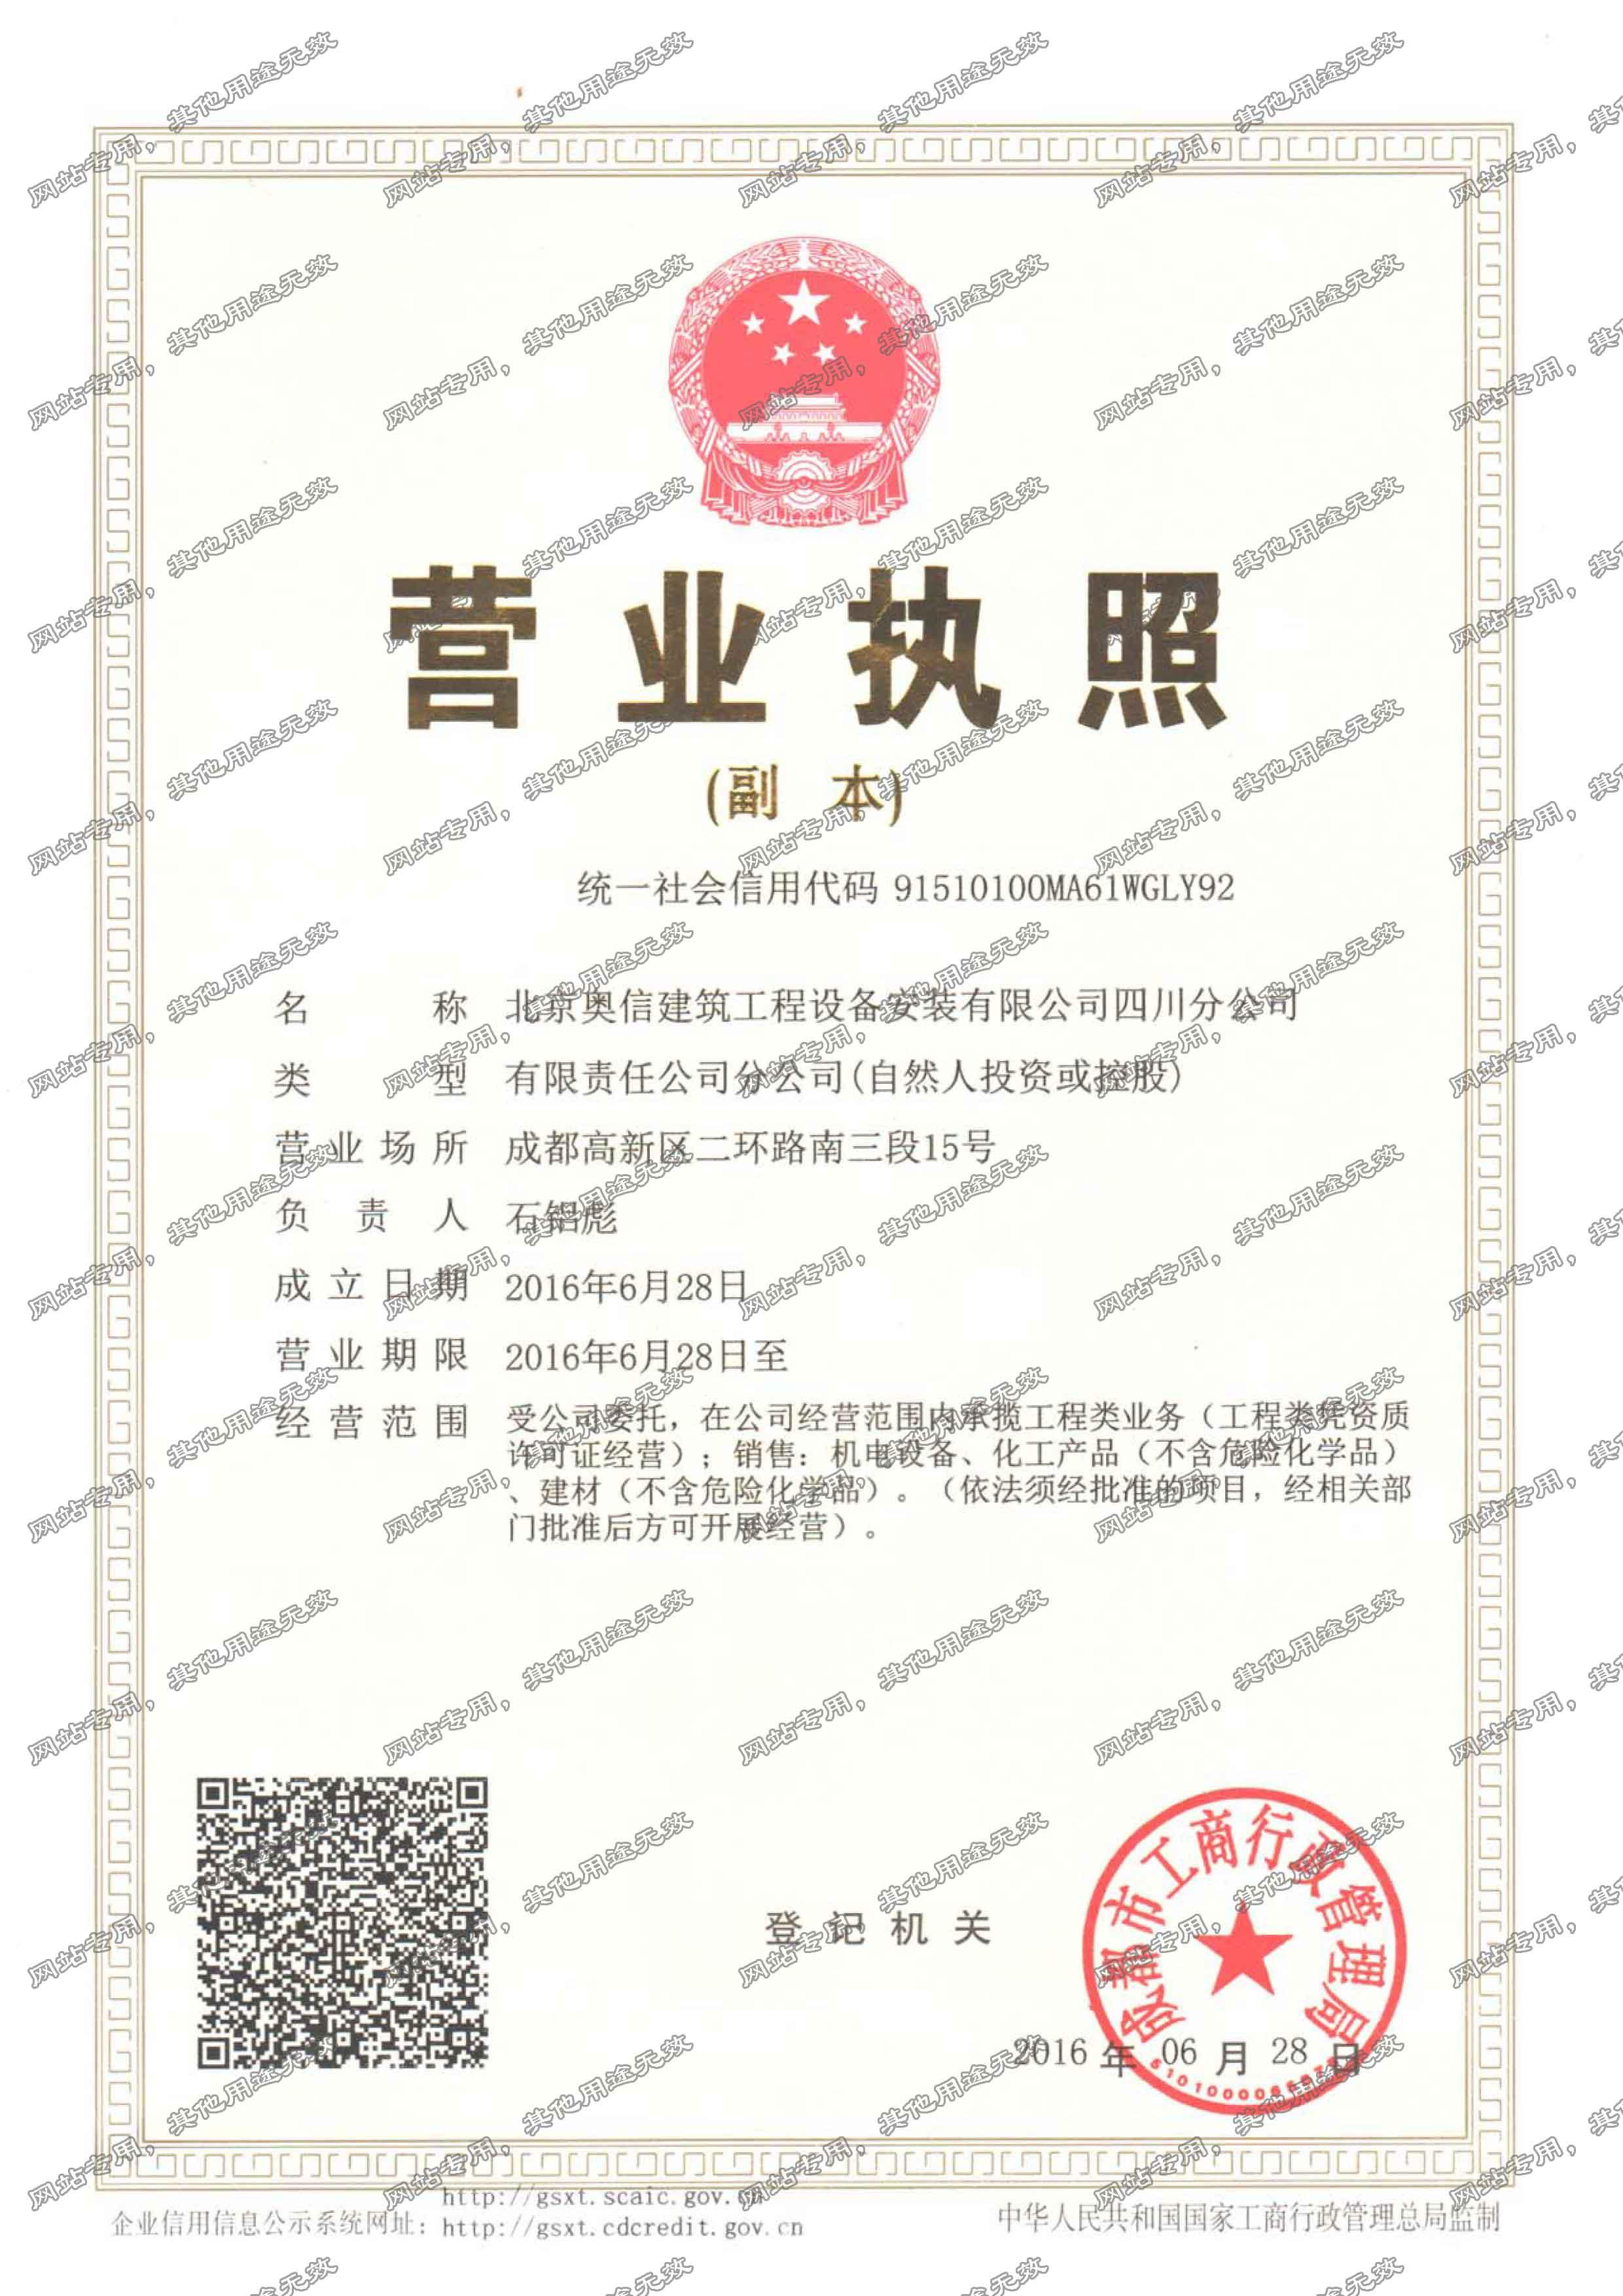 成立四川分公司的公告